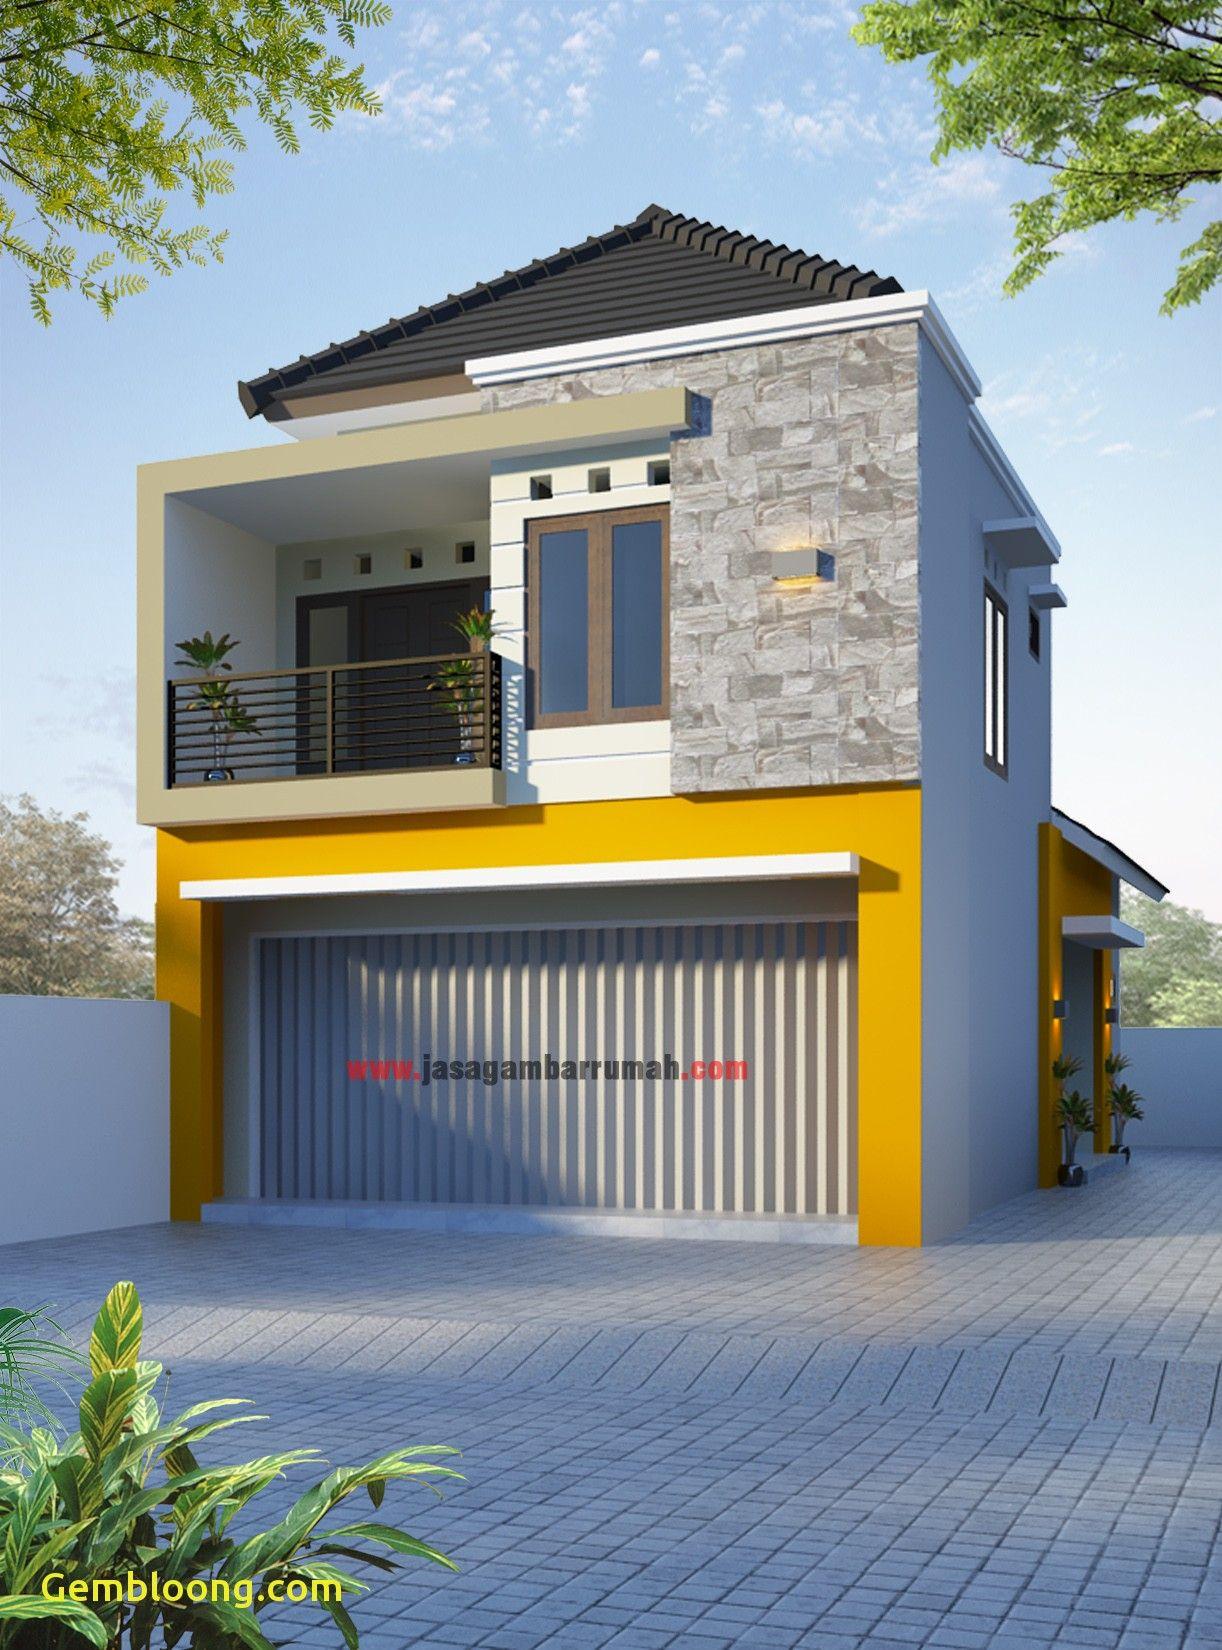 Desain Rumah Tingkat Bawah Toko Cek Bahan Bangunan Desain rumah toko minimalis sederhana